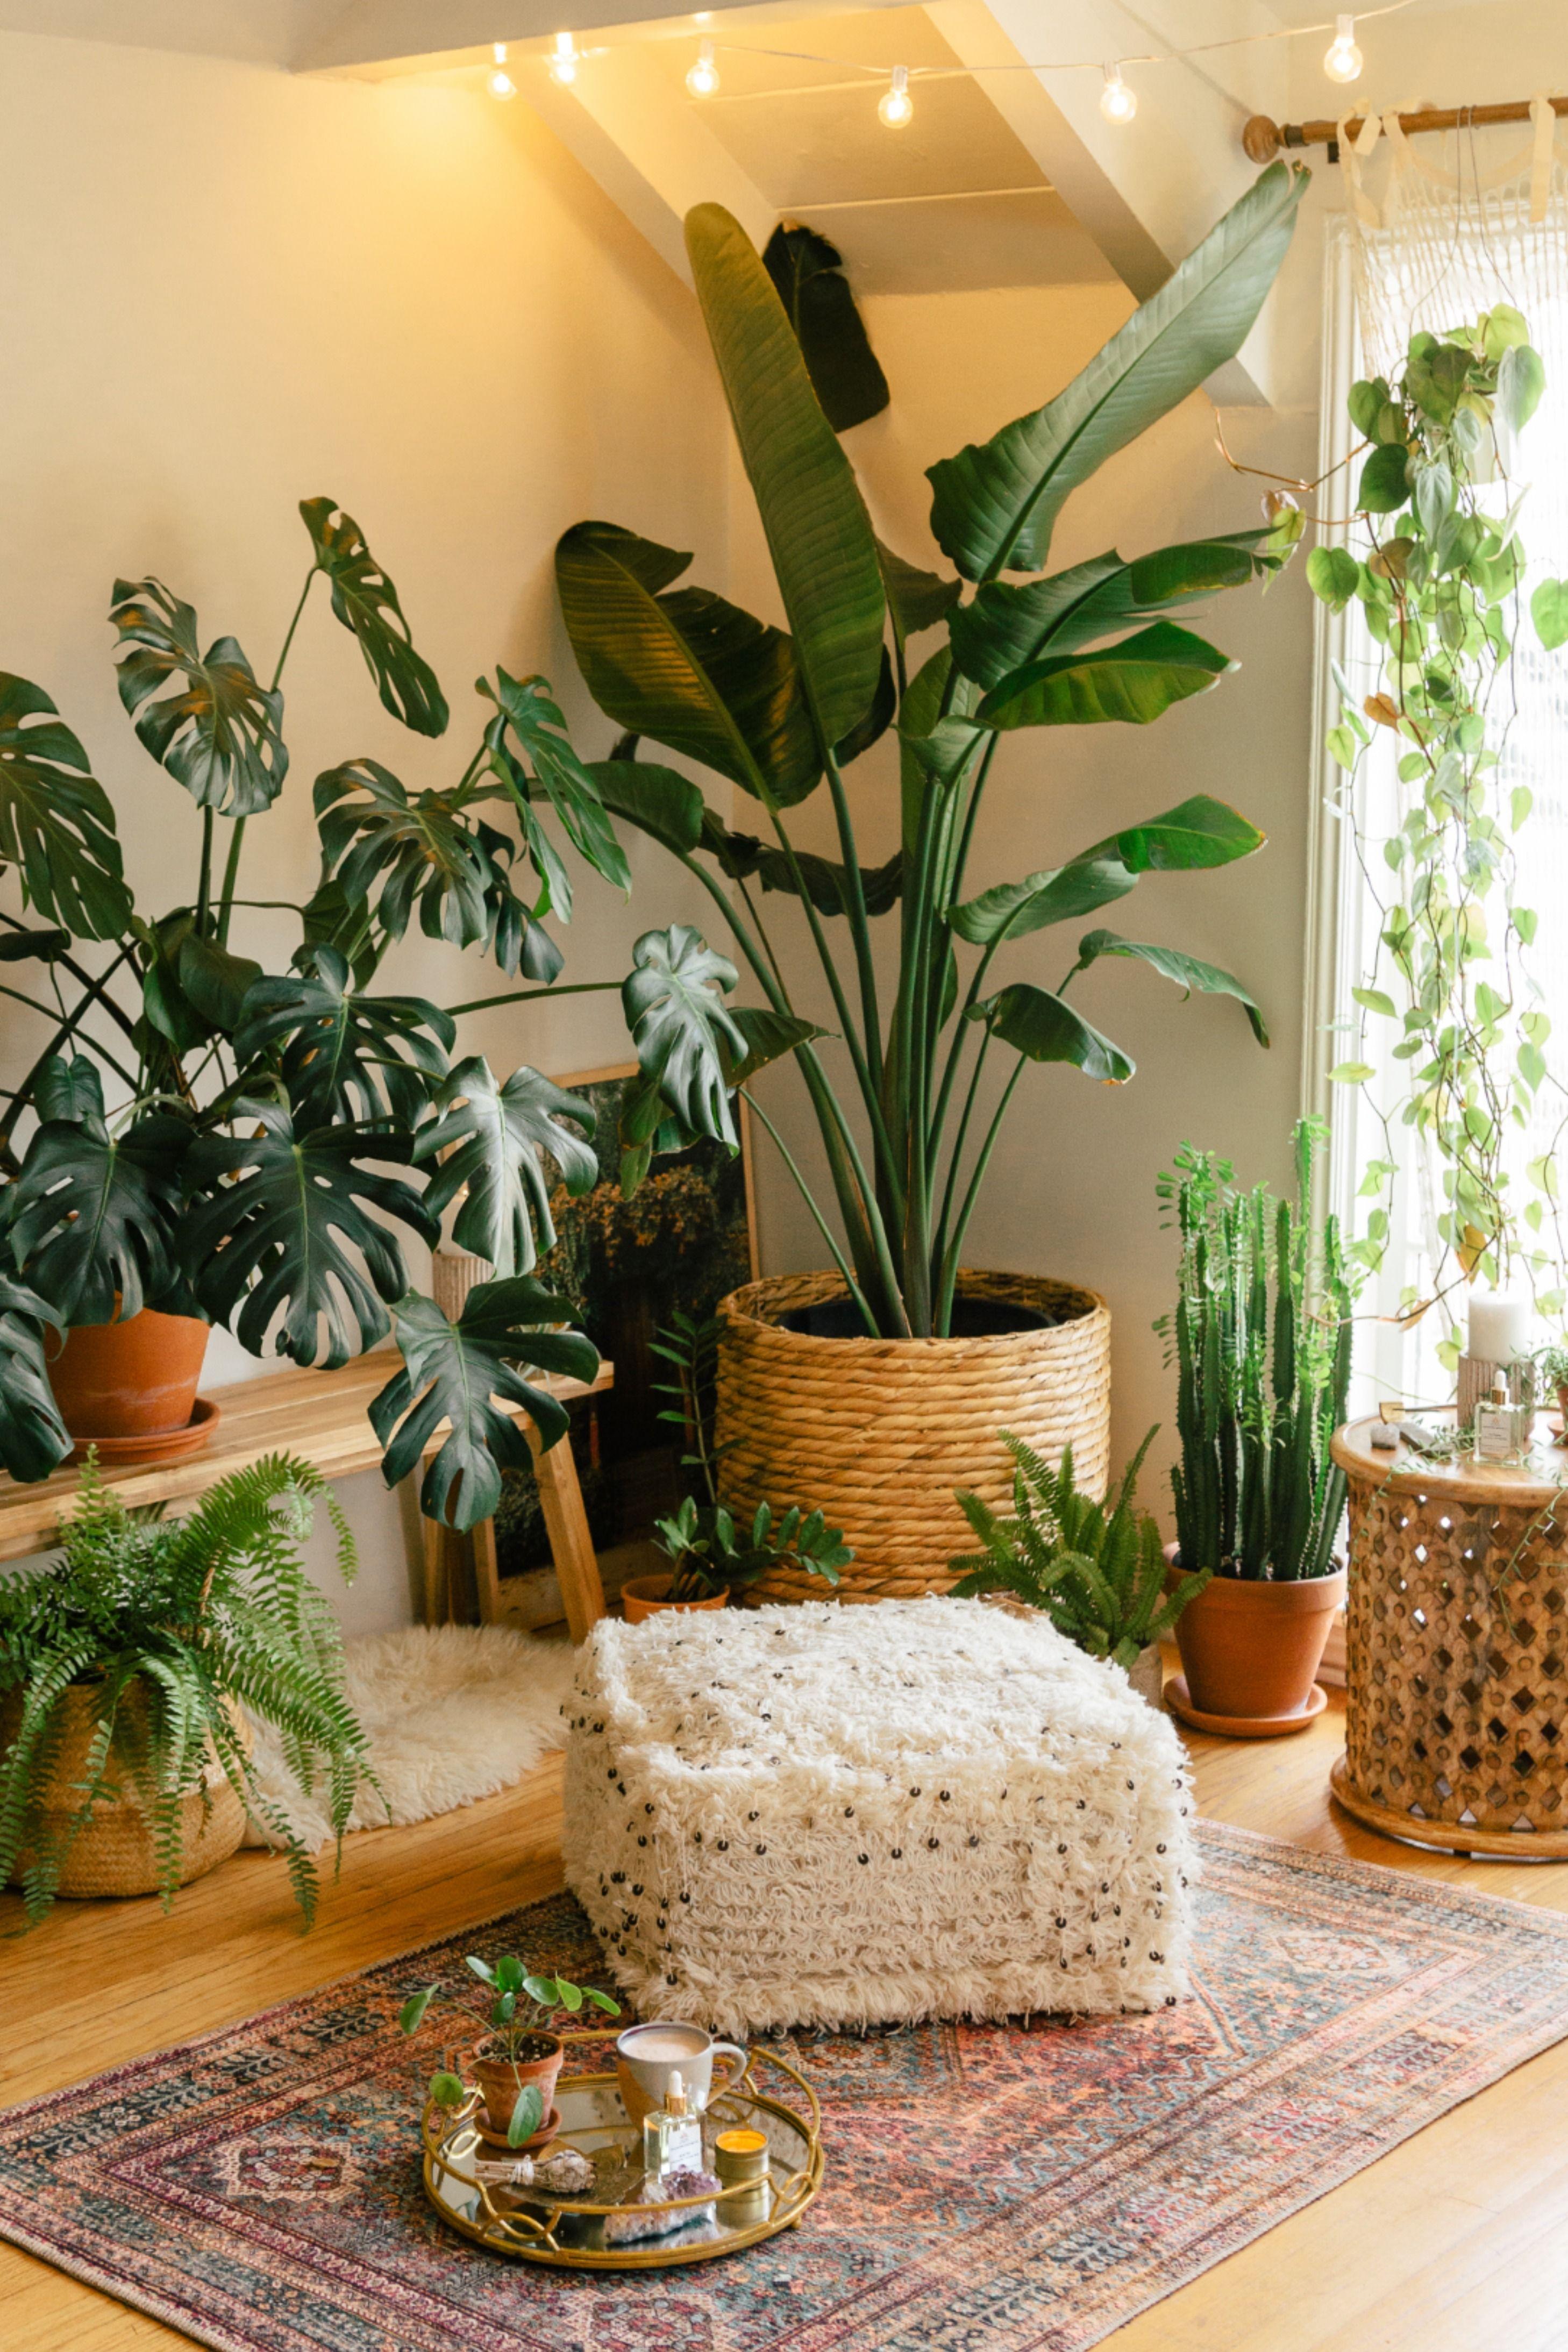 Room Refreshstoriesstoriesinspiration Bedroom Plants Decor Room With Plants House Plants Indoor